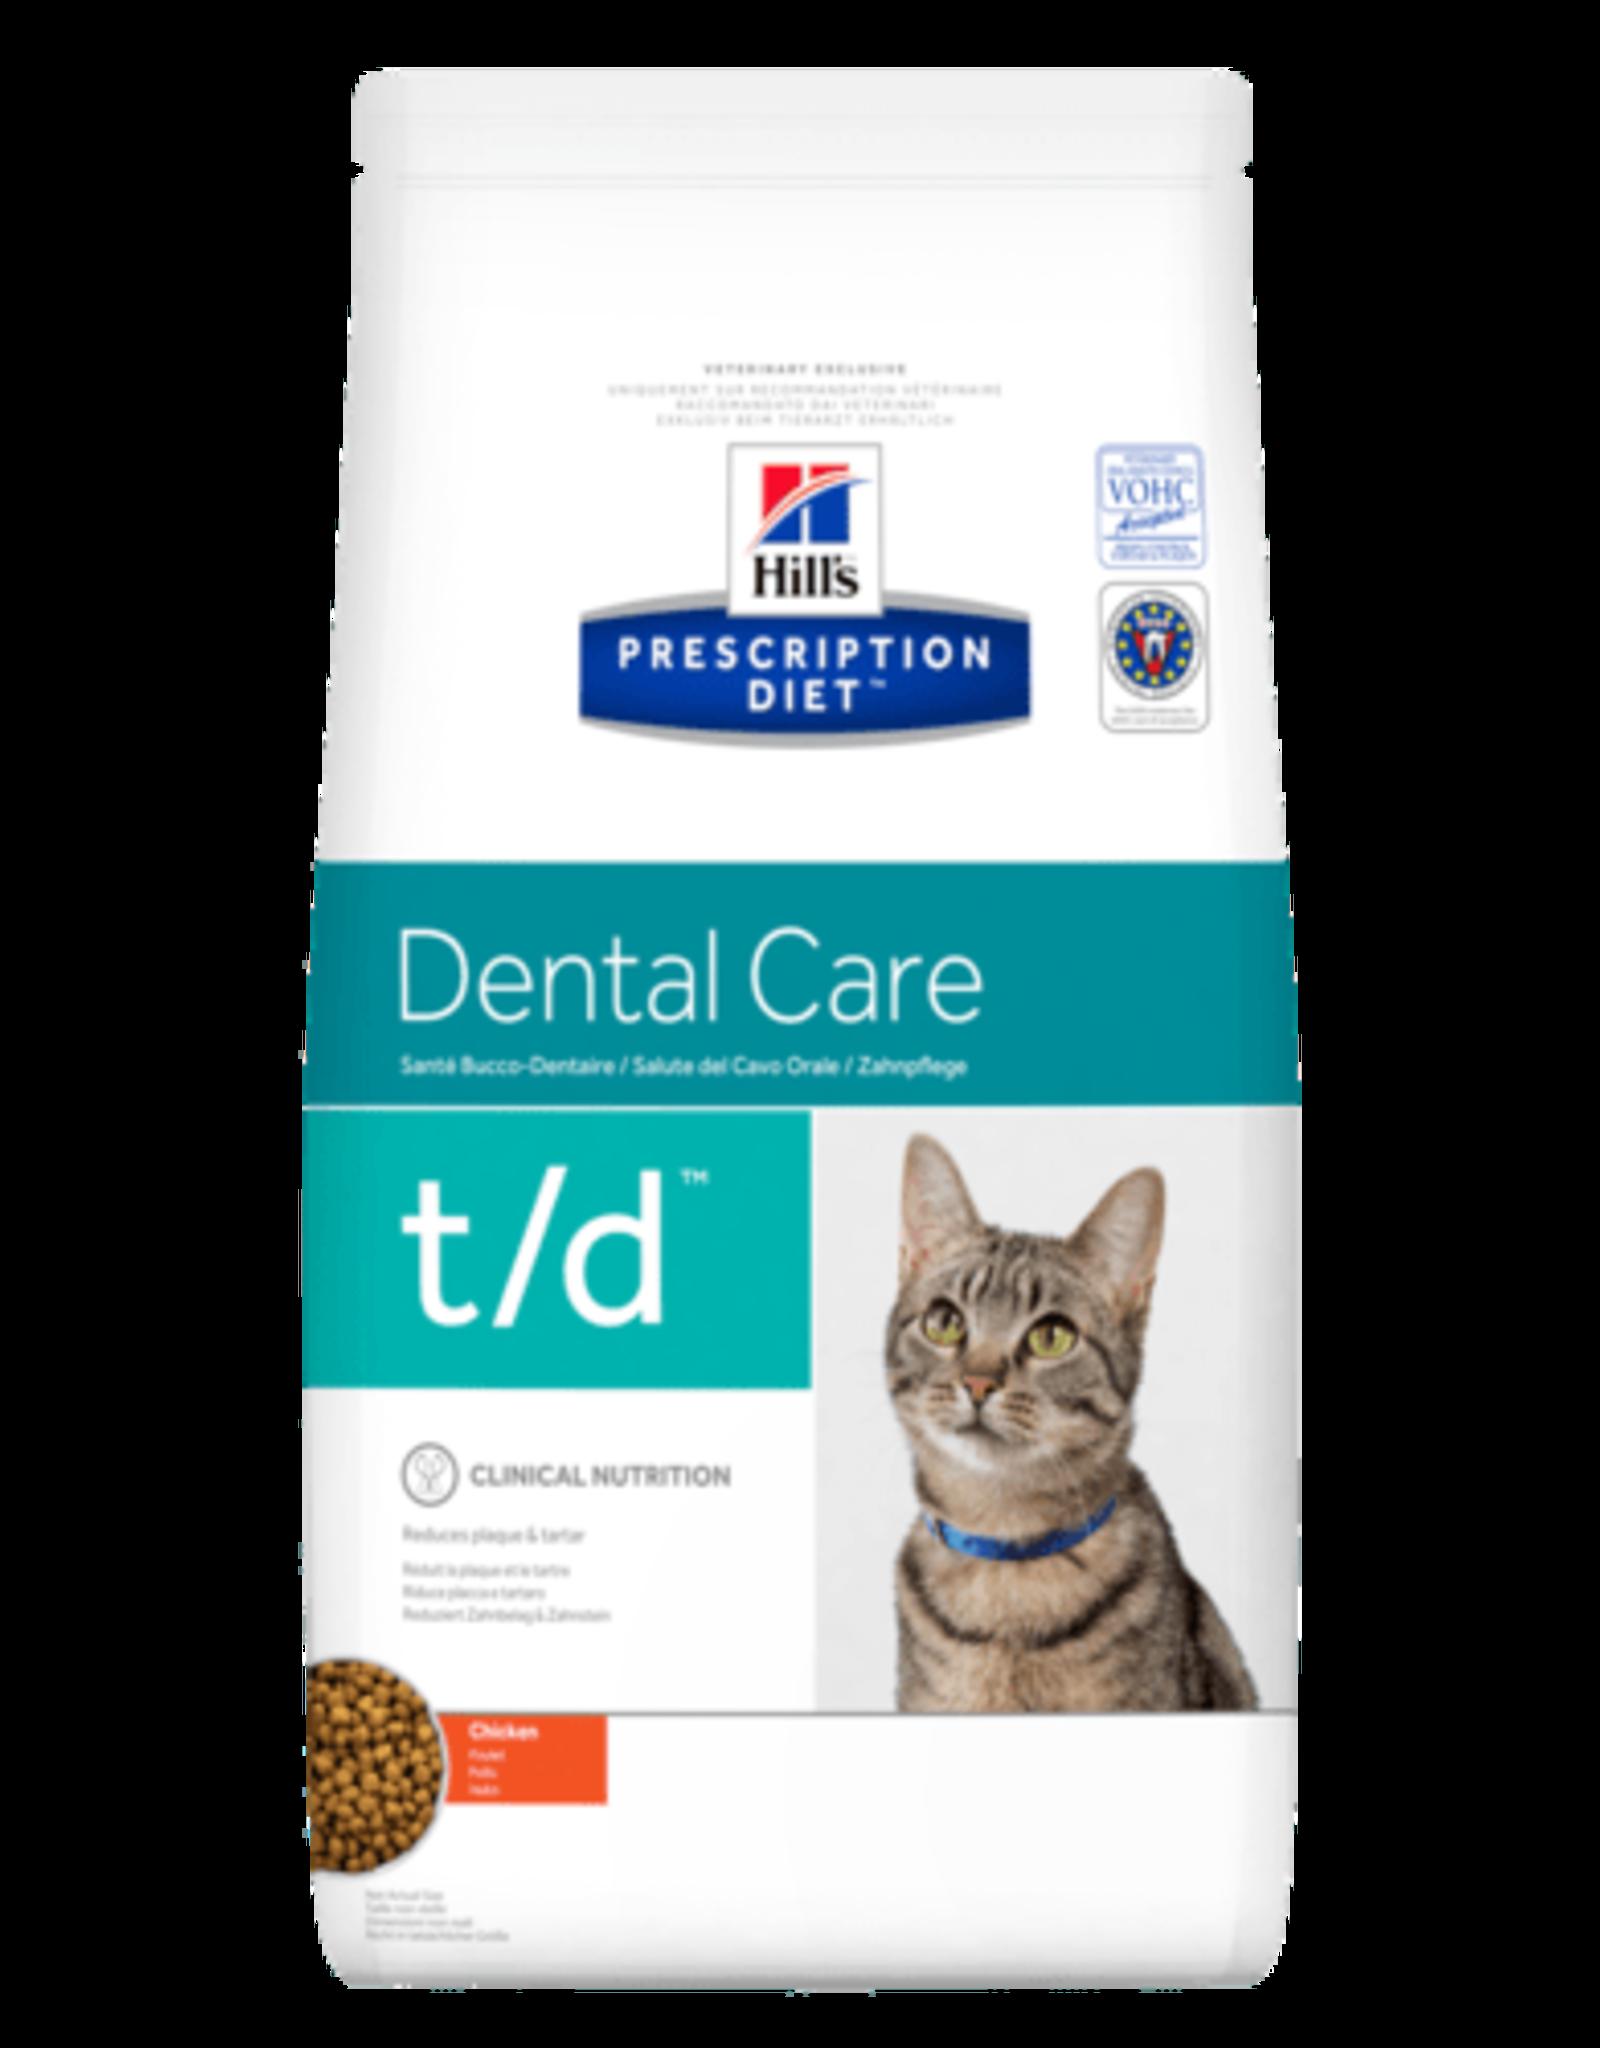 Hill's Hill's Prescription Diet T/d Kat 1,5kg